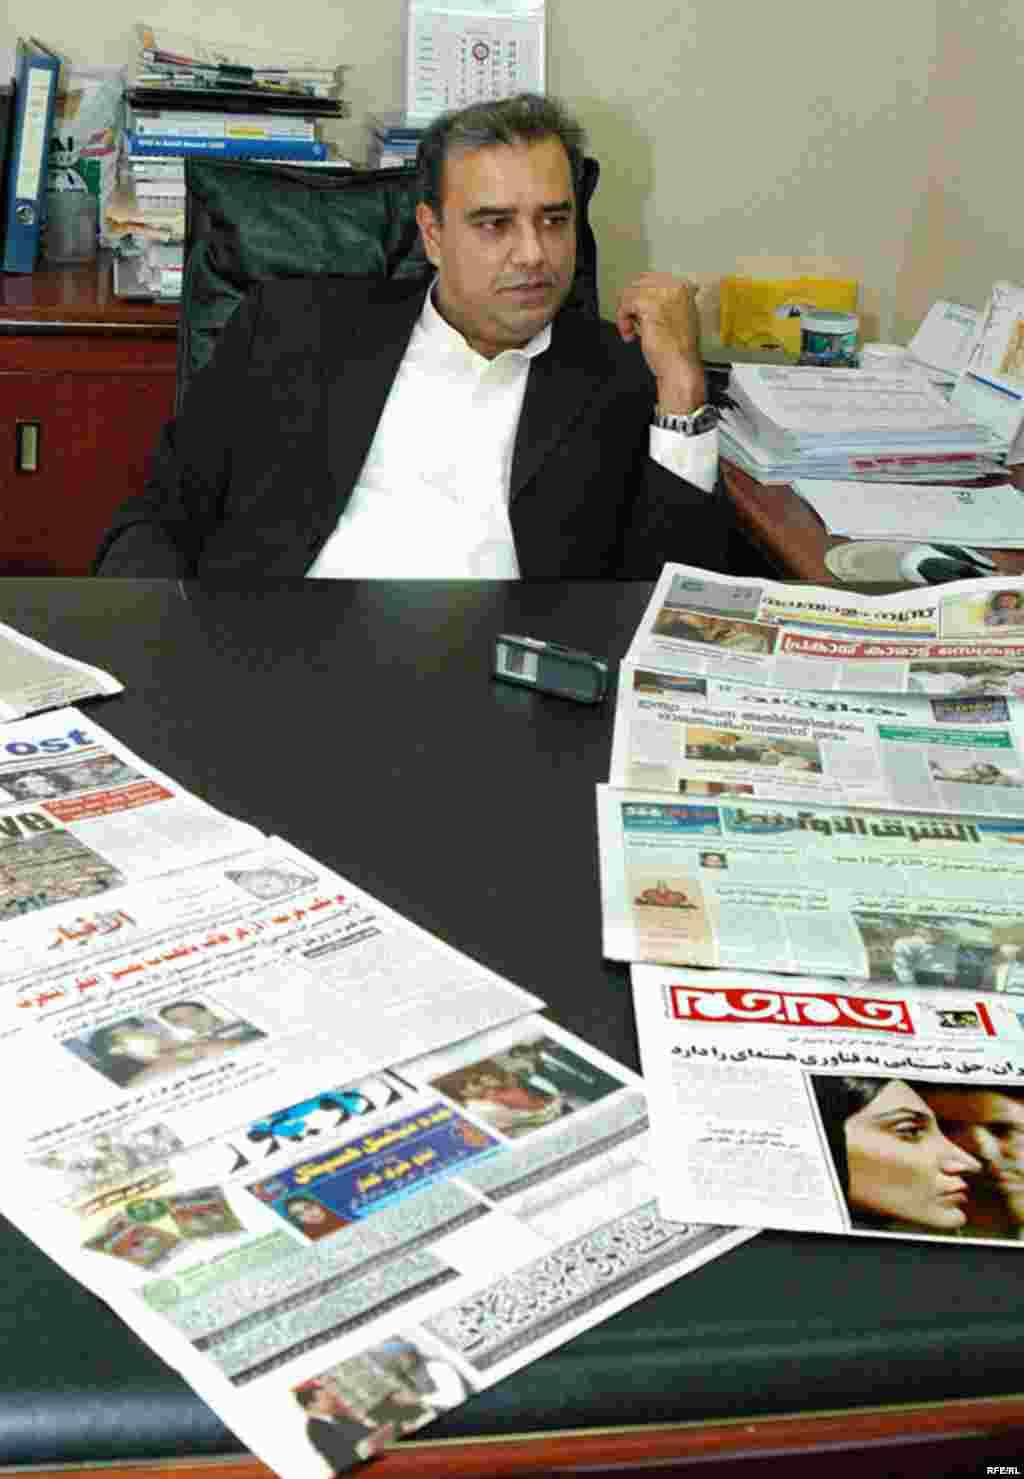 UAE, Gishor Gohil, manager of algharir pulishing, 04/30/2007